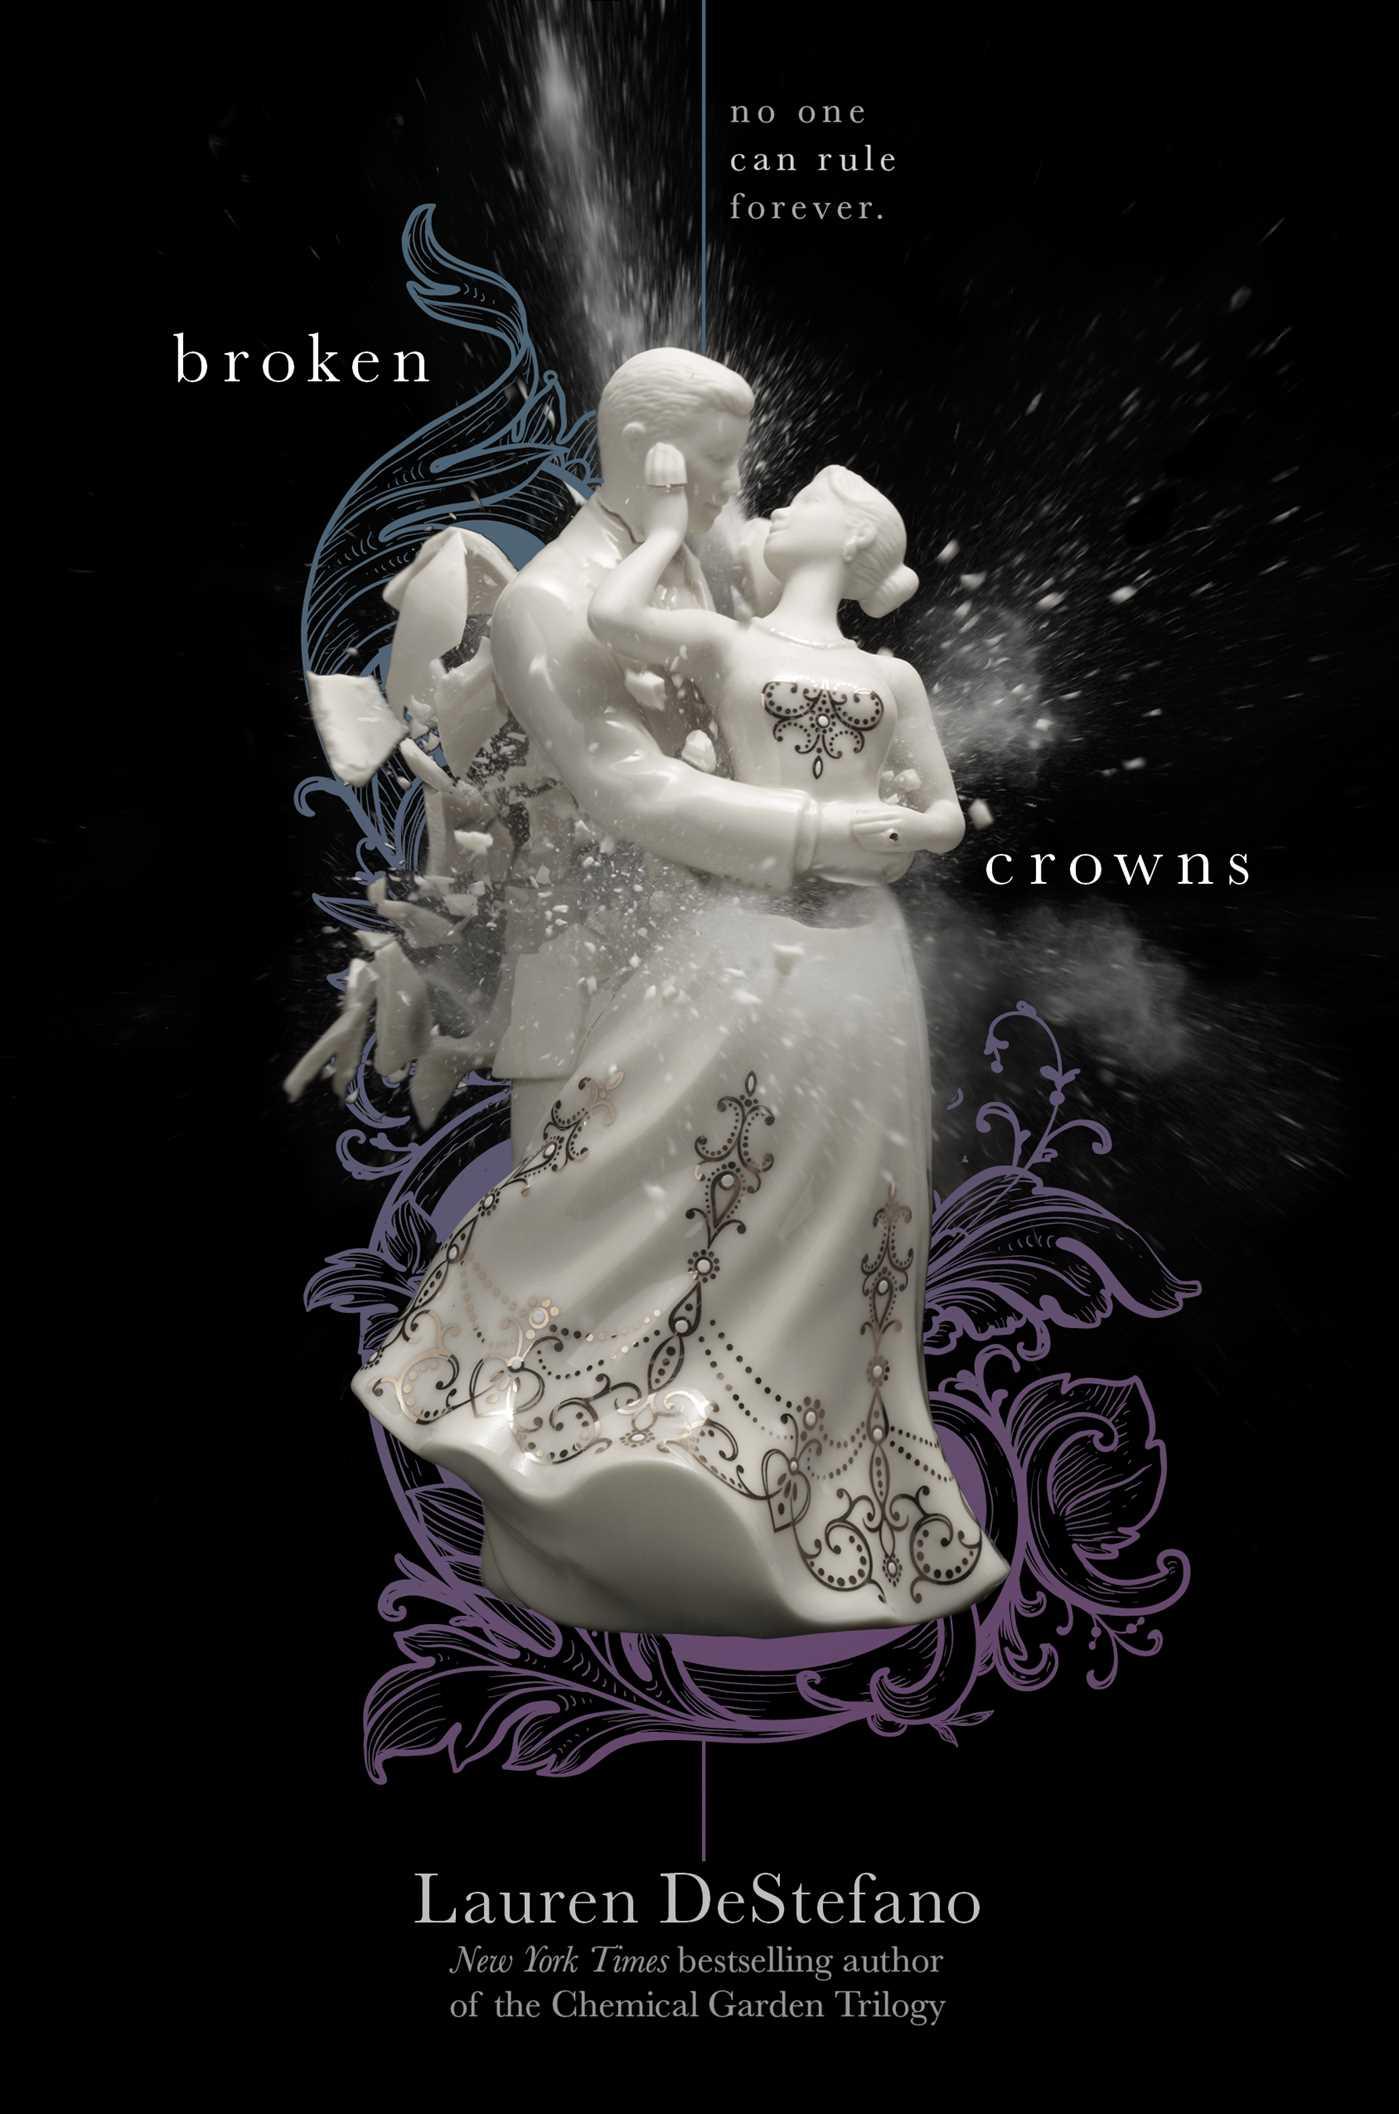 Broken crowns 9781442496439 hr